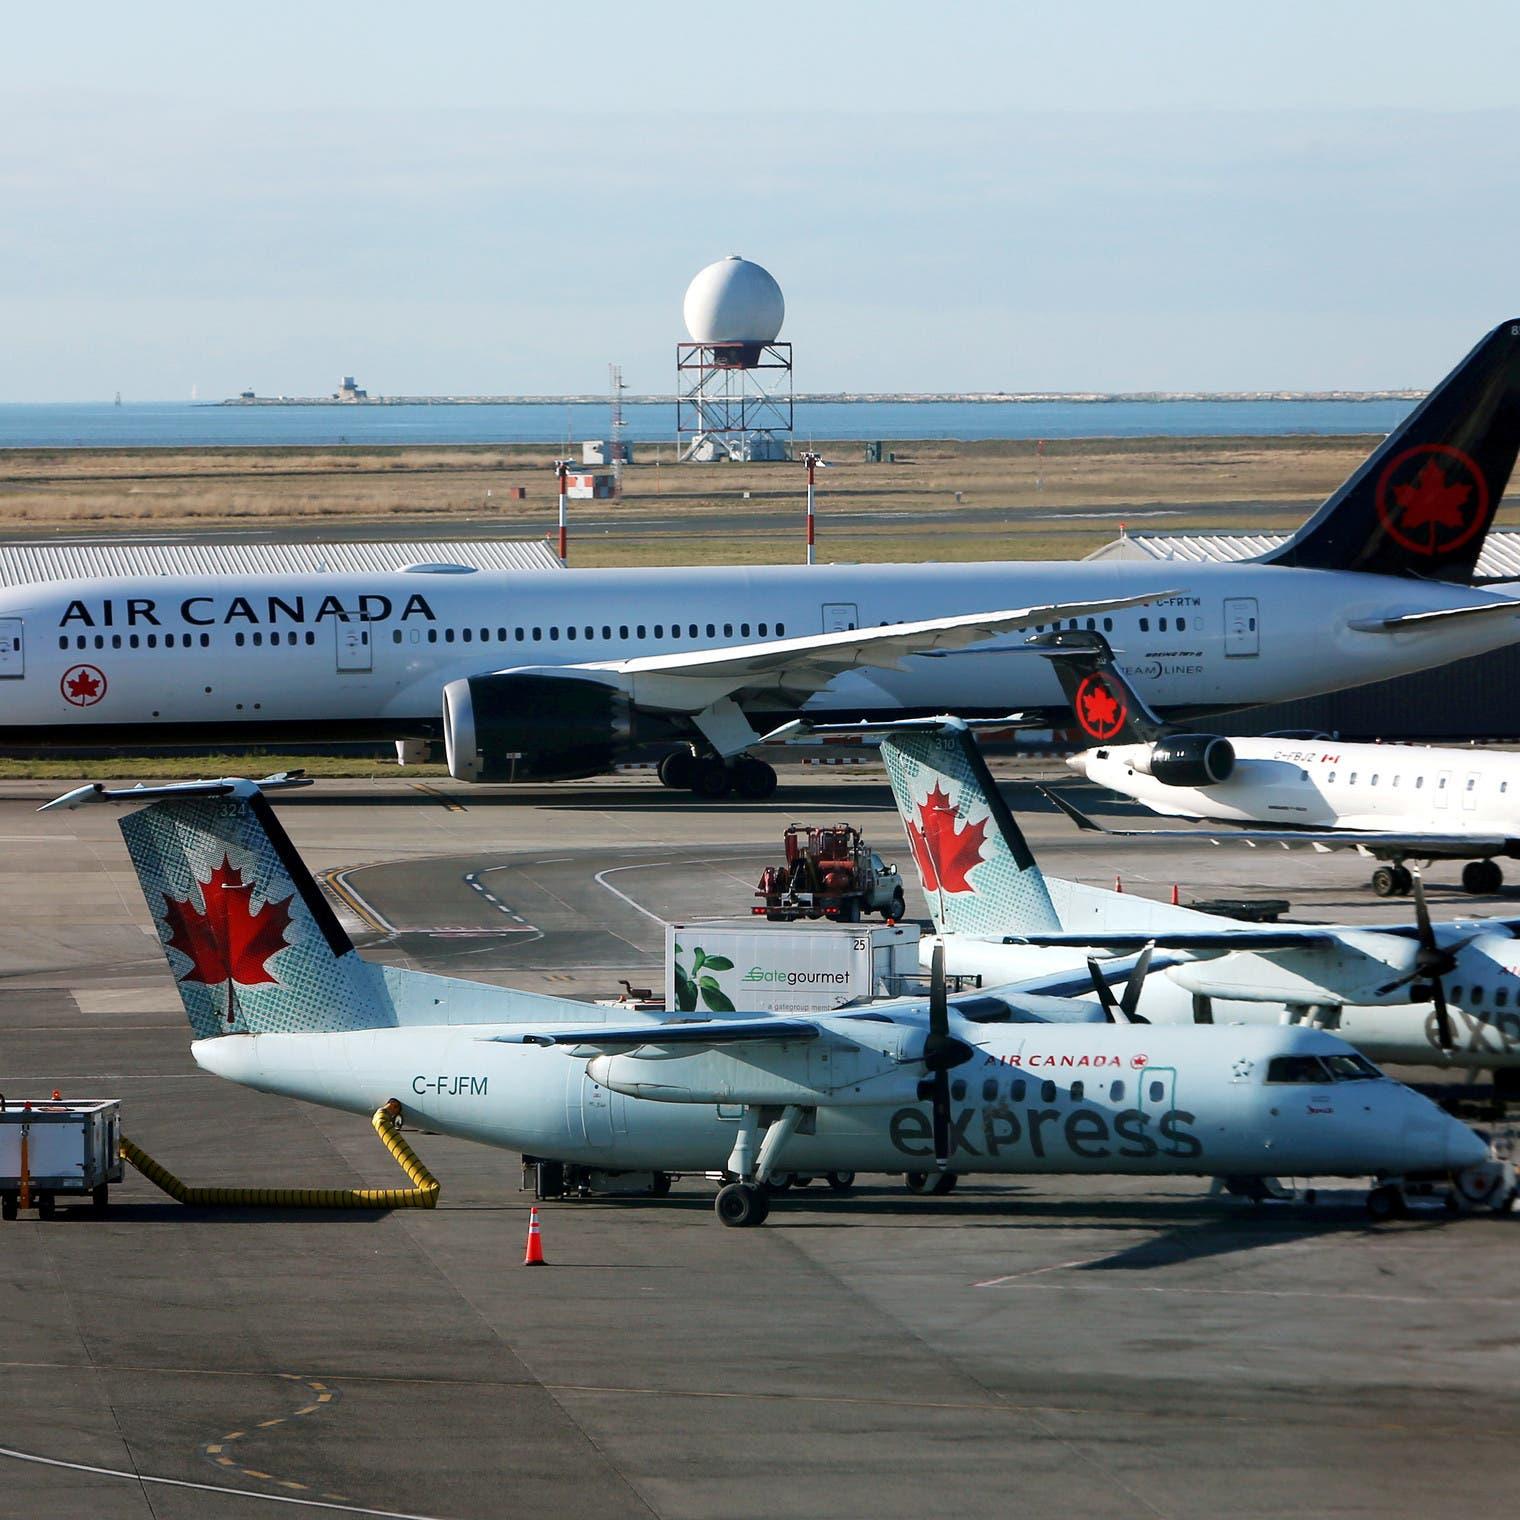 حكومة كندا تضخ 4.7 مليار دولار في أكبر شركة طيران في البلاد